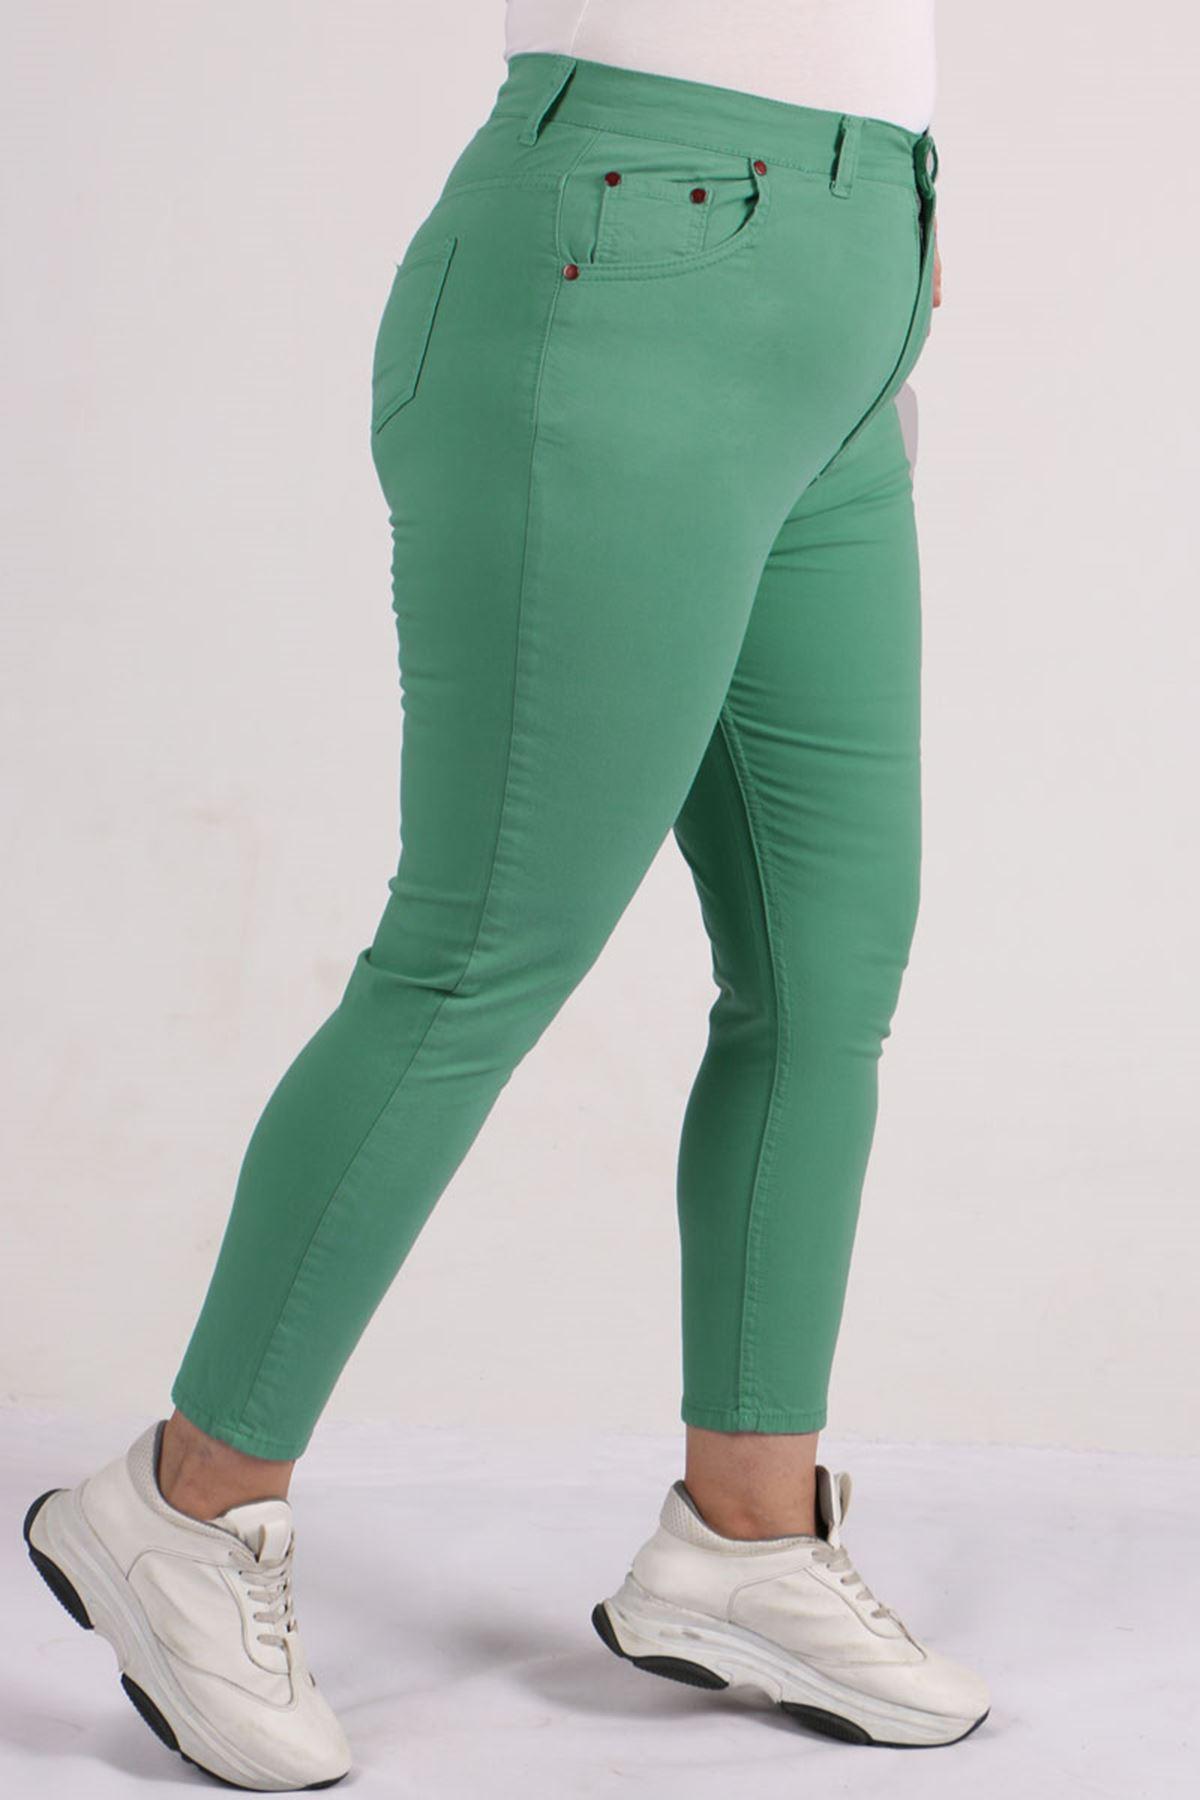 9115 Plus Size Skinny Leg Pants - Naphtha Green